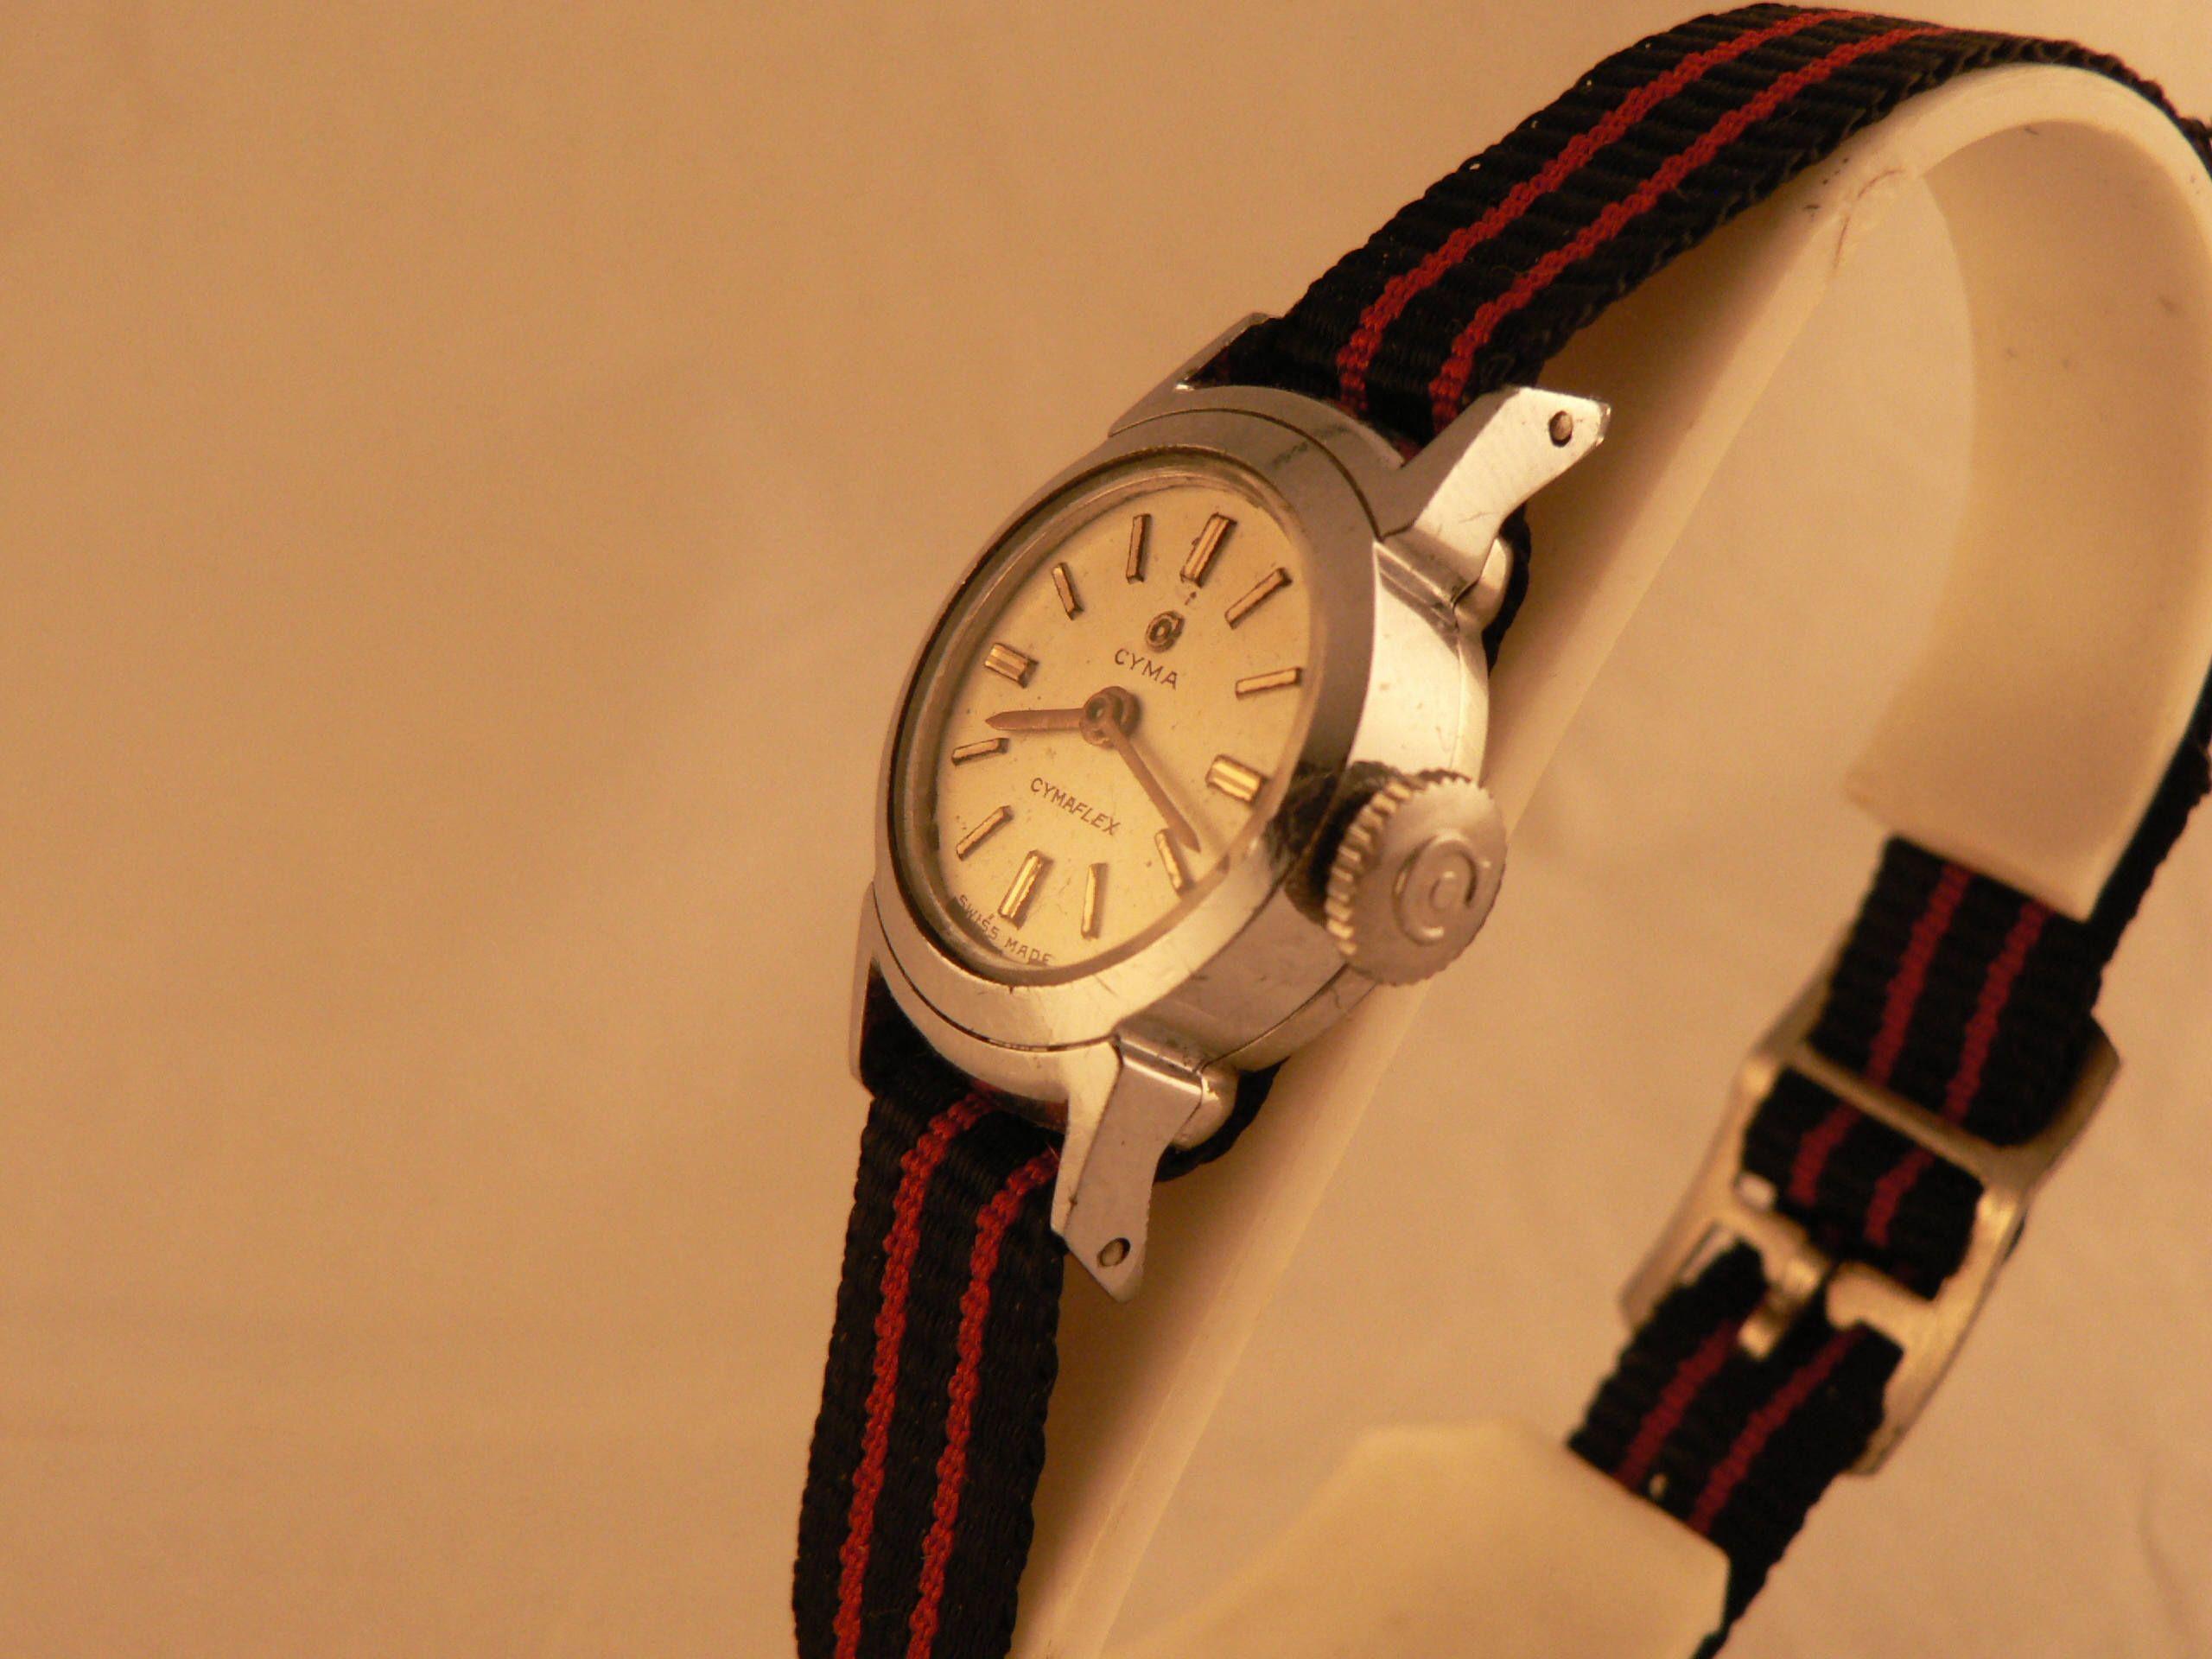 VintageLadies Cyma Cymaflex Wrist Watch 17 J Swiss Made Ca 1950s